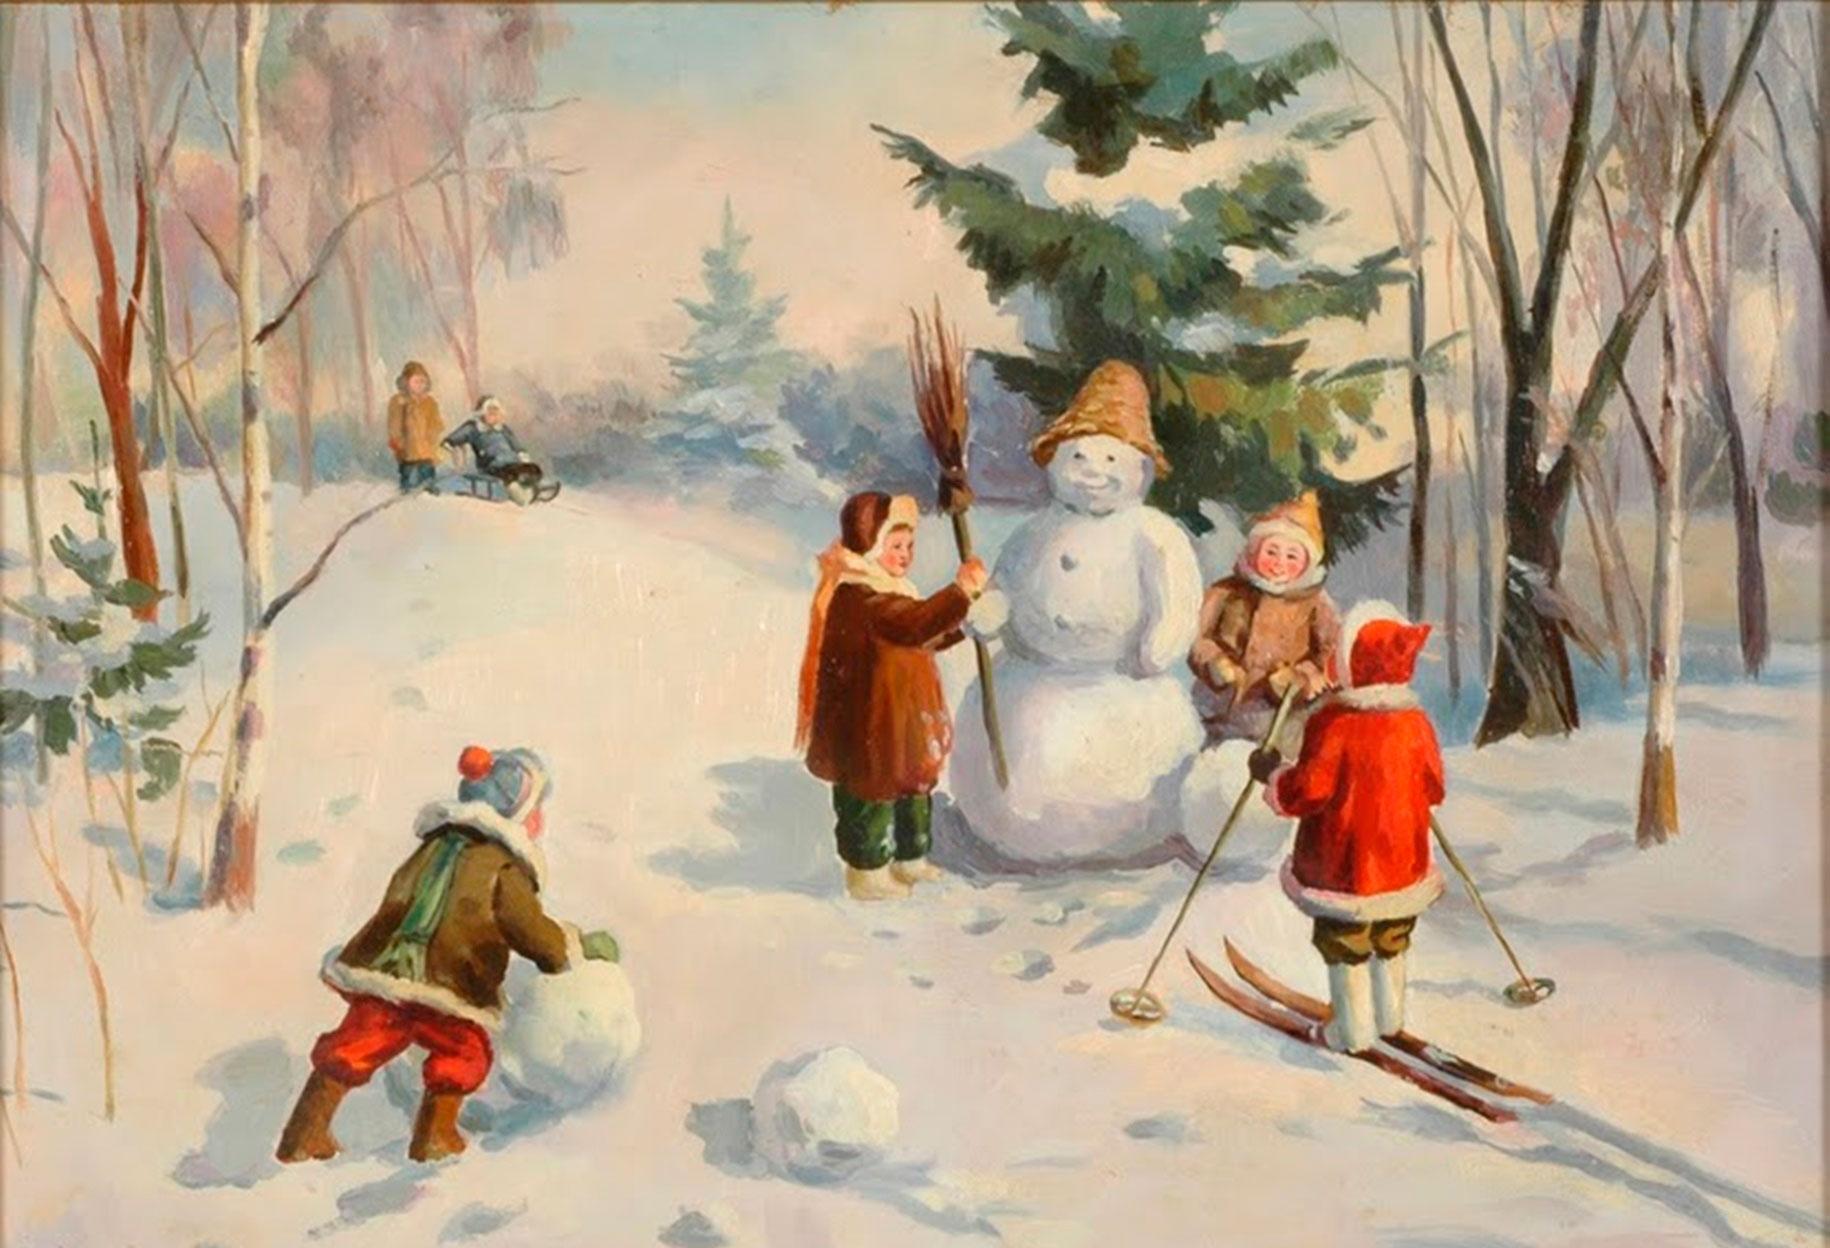 Загадки про зиму для детей 4-5 лет и взрослых